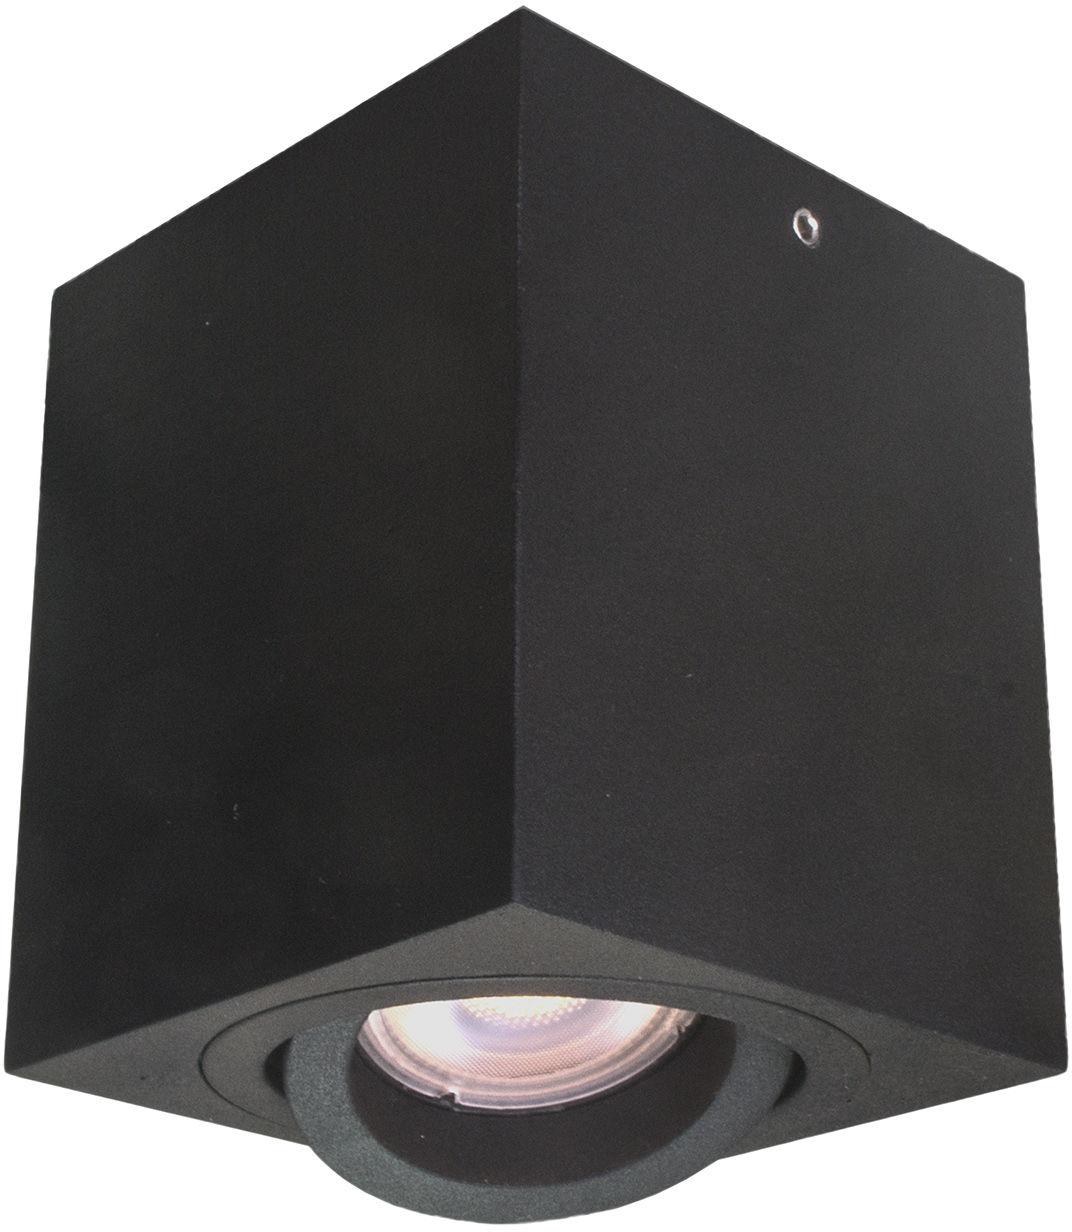 EMILIO IT8004S1-BK